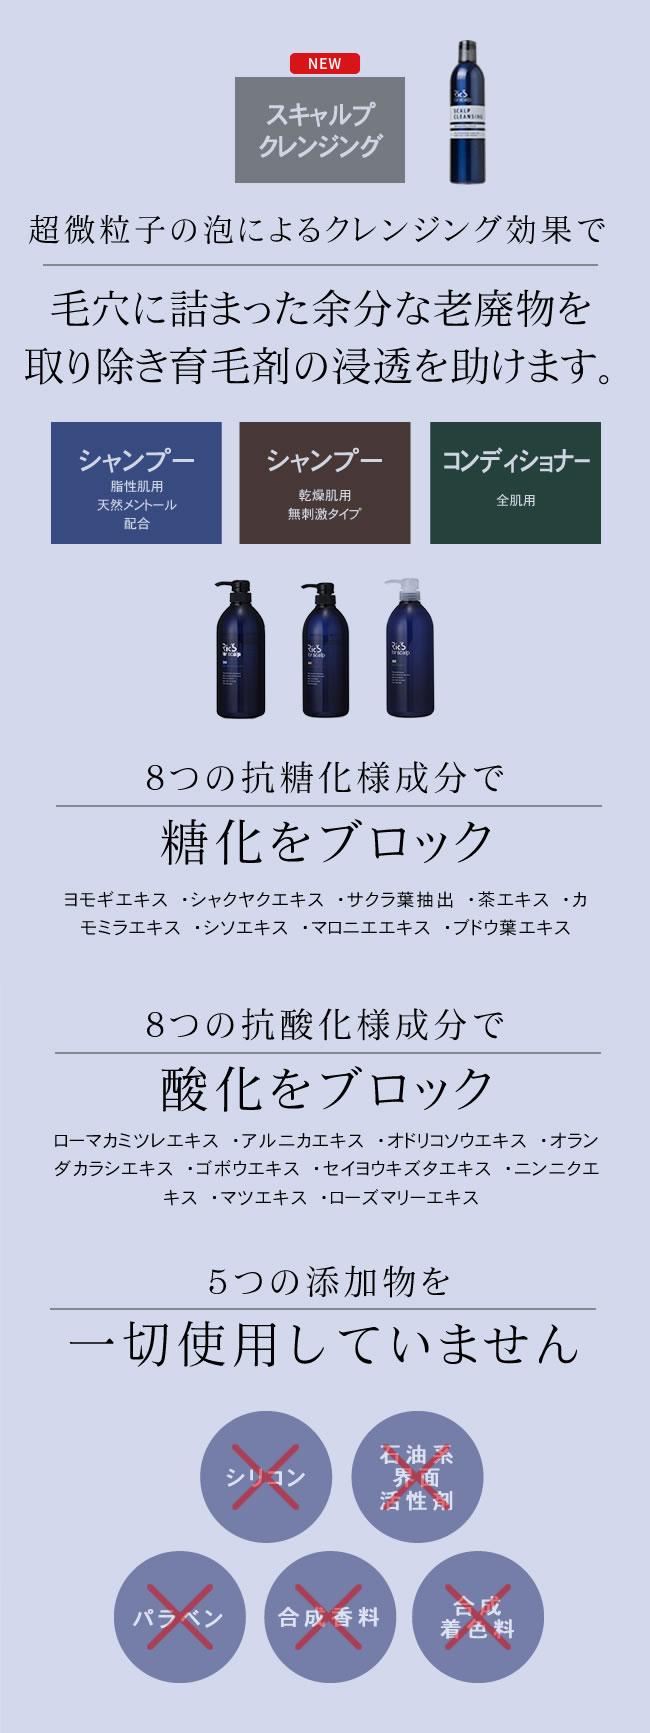 頭皮を糖化させず、5つの添加物不使用